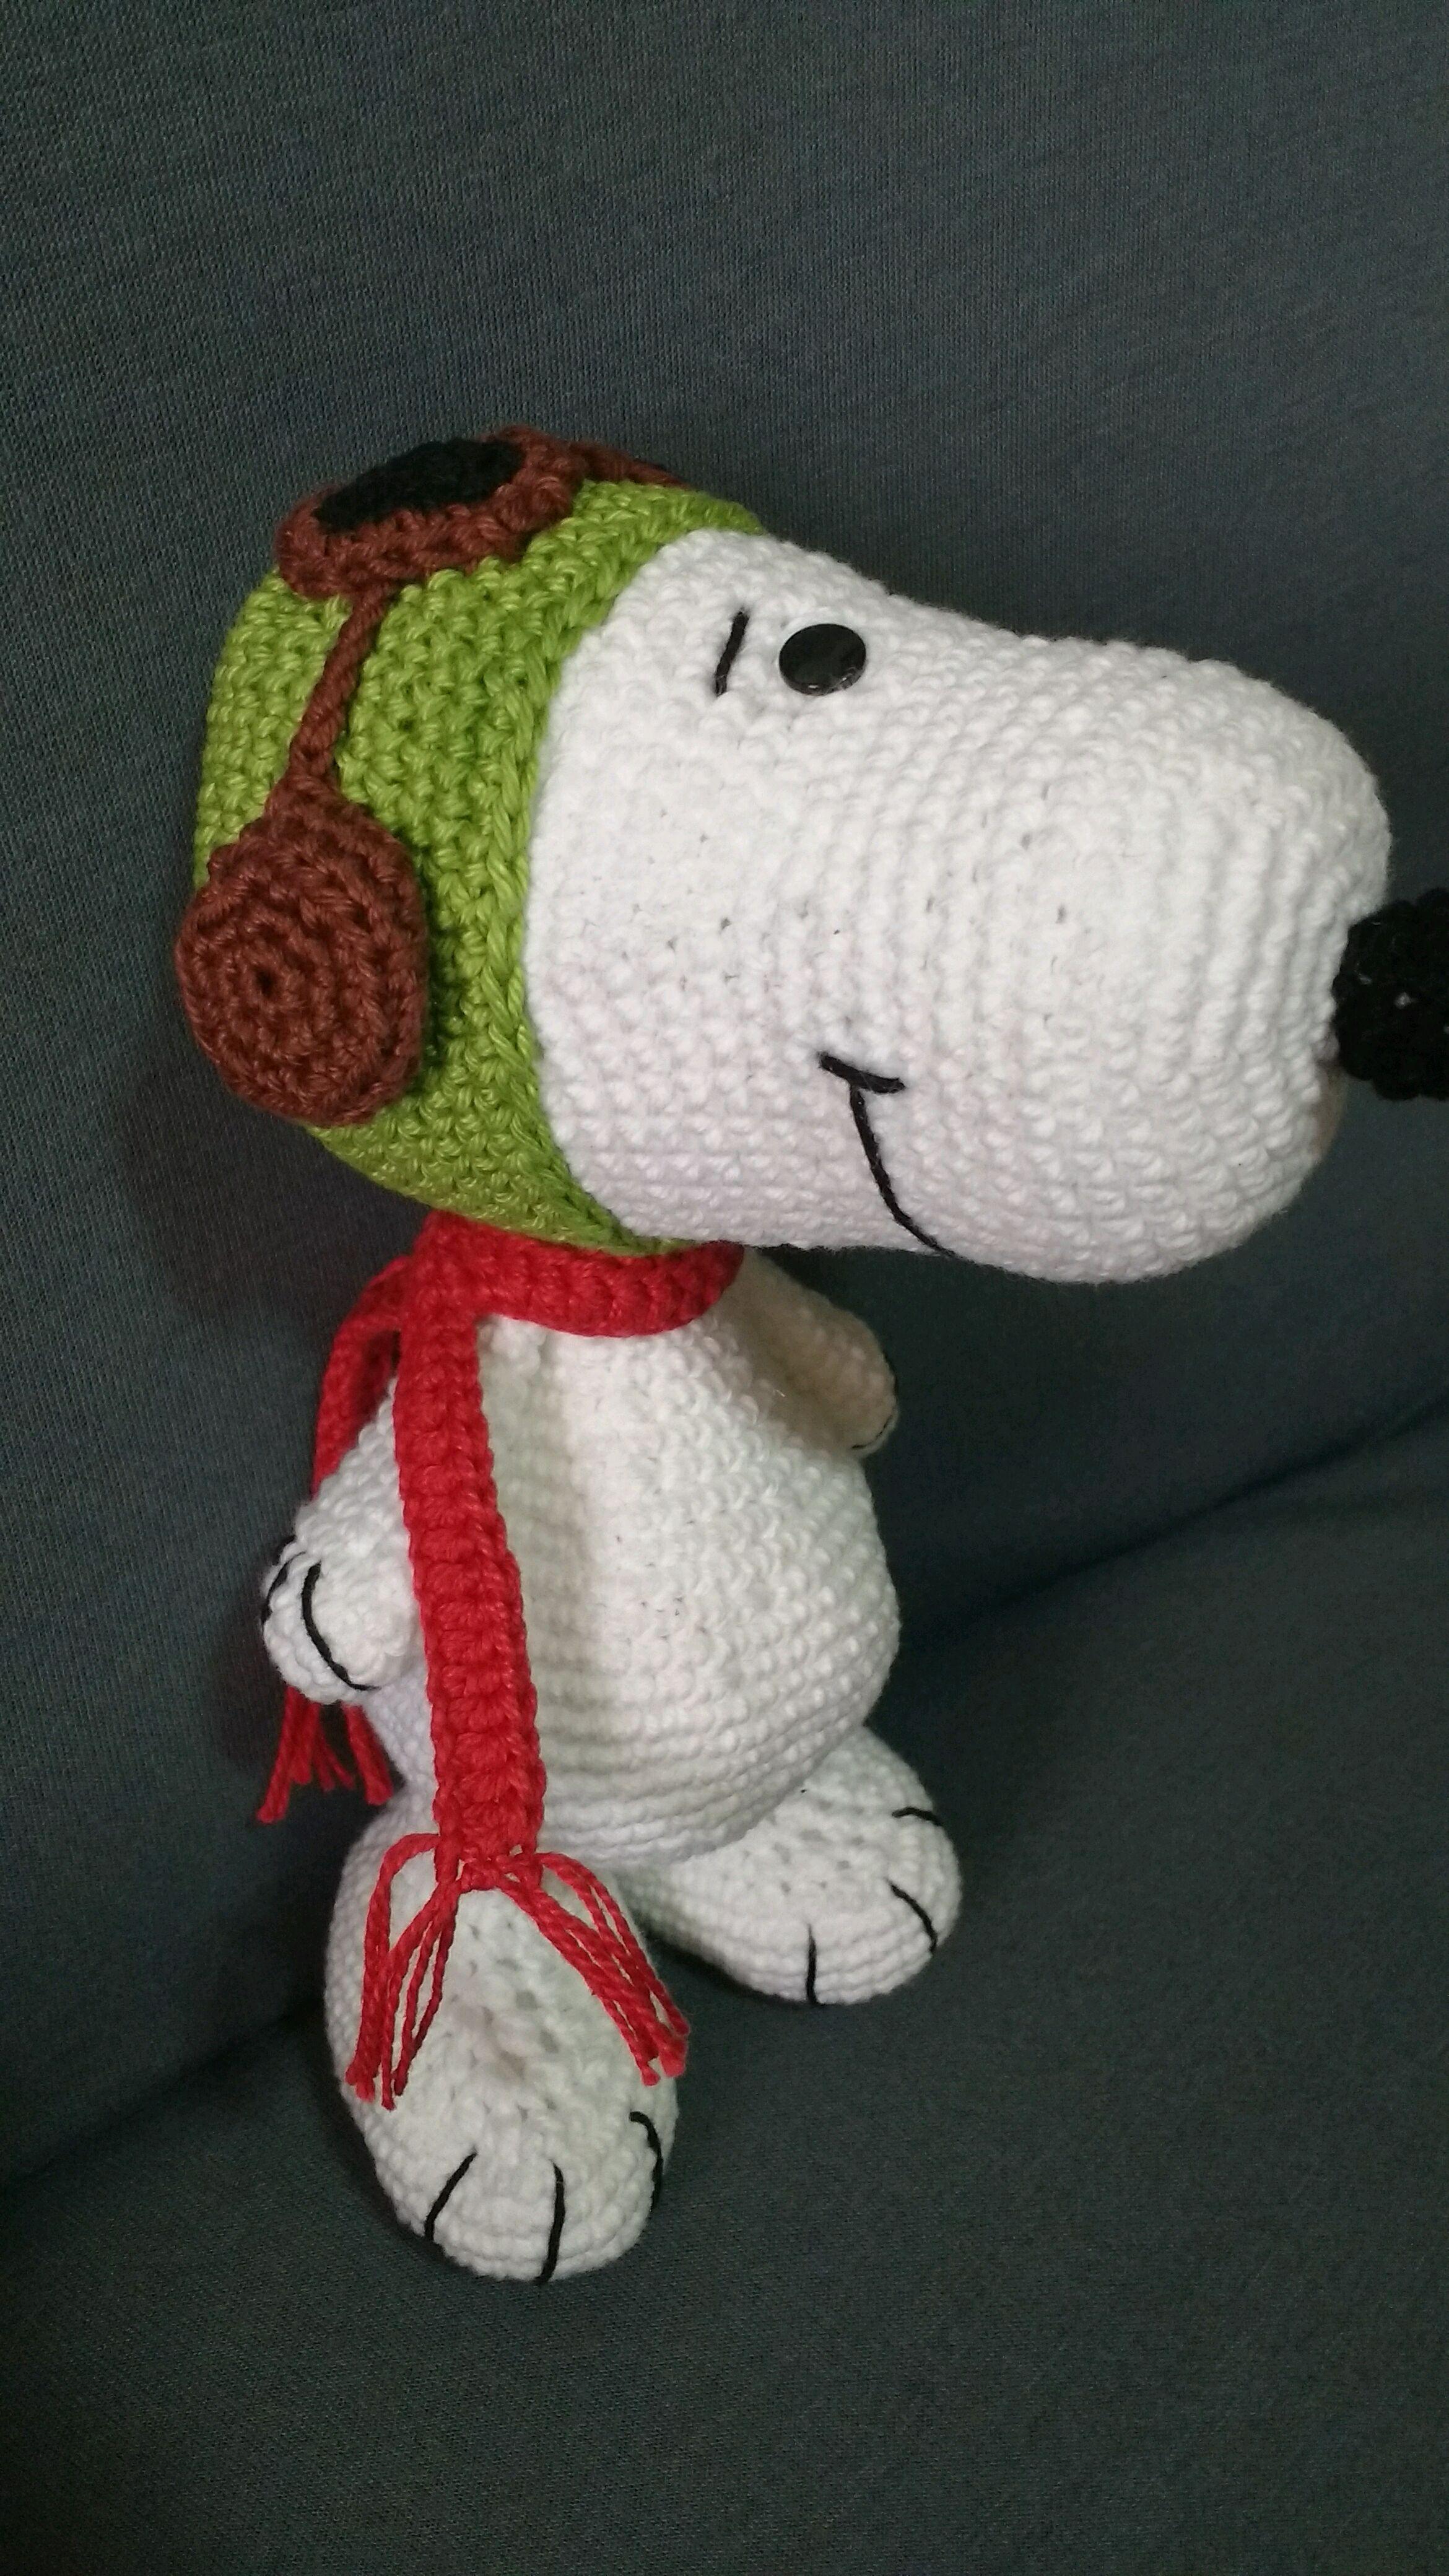 DIY Amigurumi How to make Amigurumi / Snoopy – Crochet Lesson ... | 4160x2340